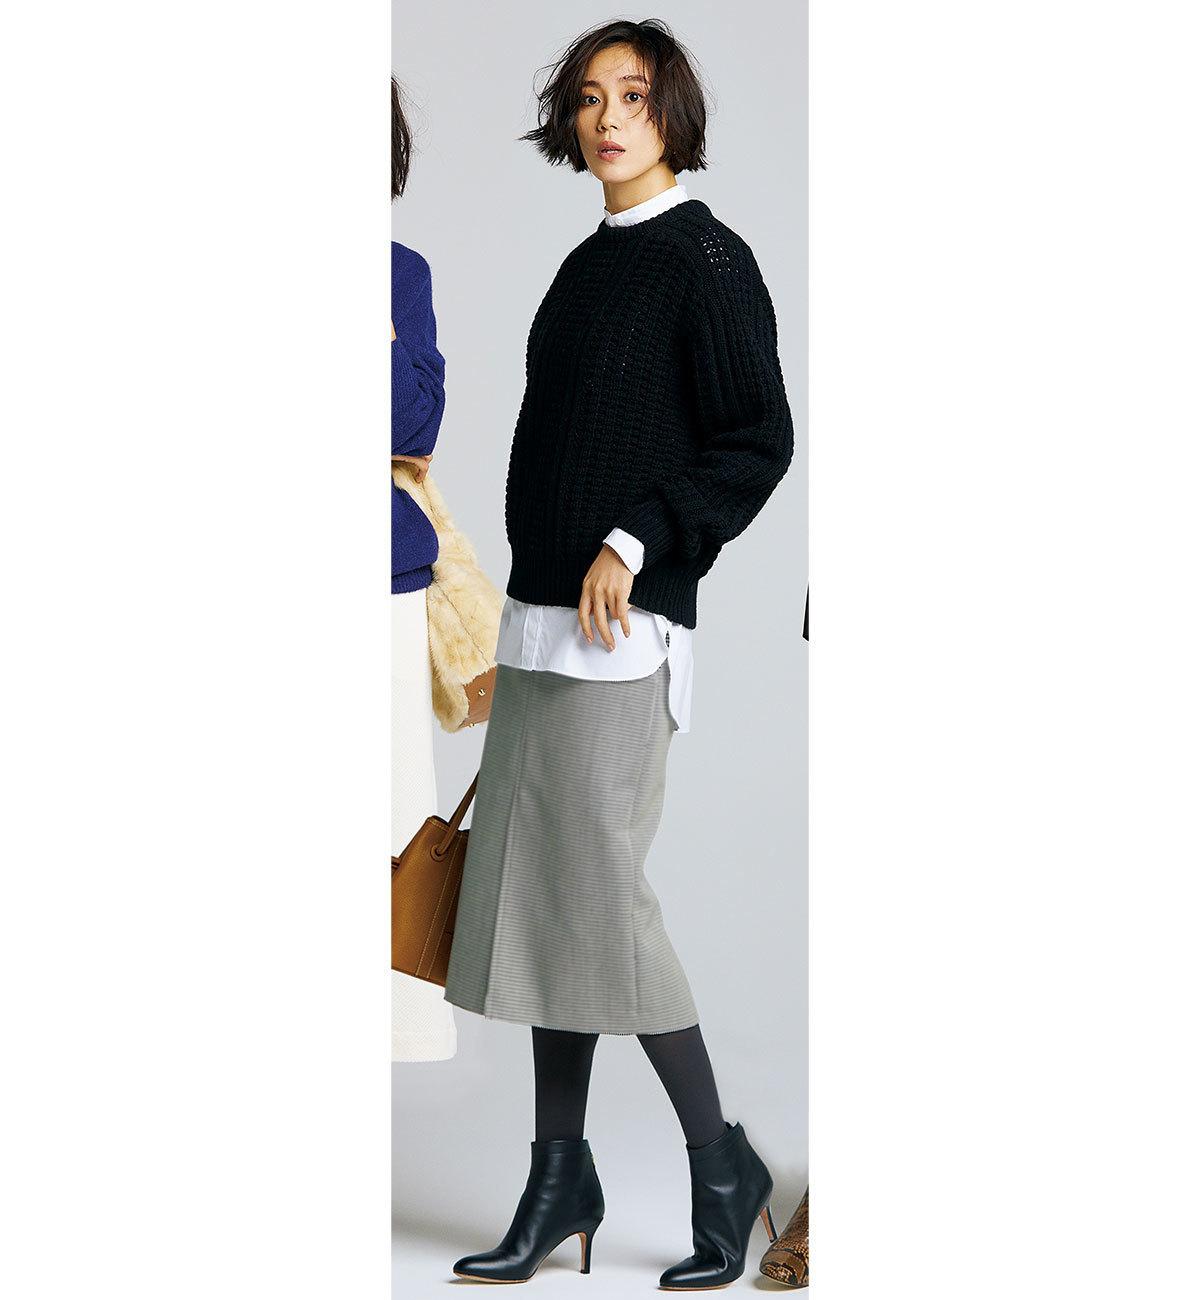 ニット×タイトスカート×黒のショートブーツコーデ